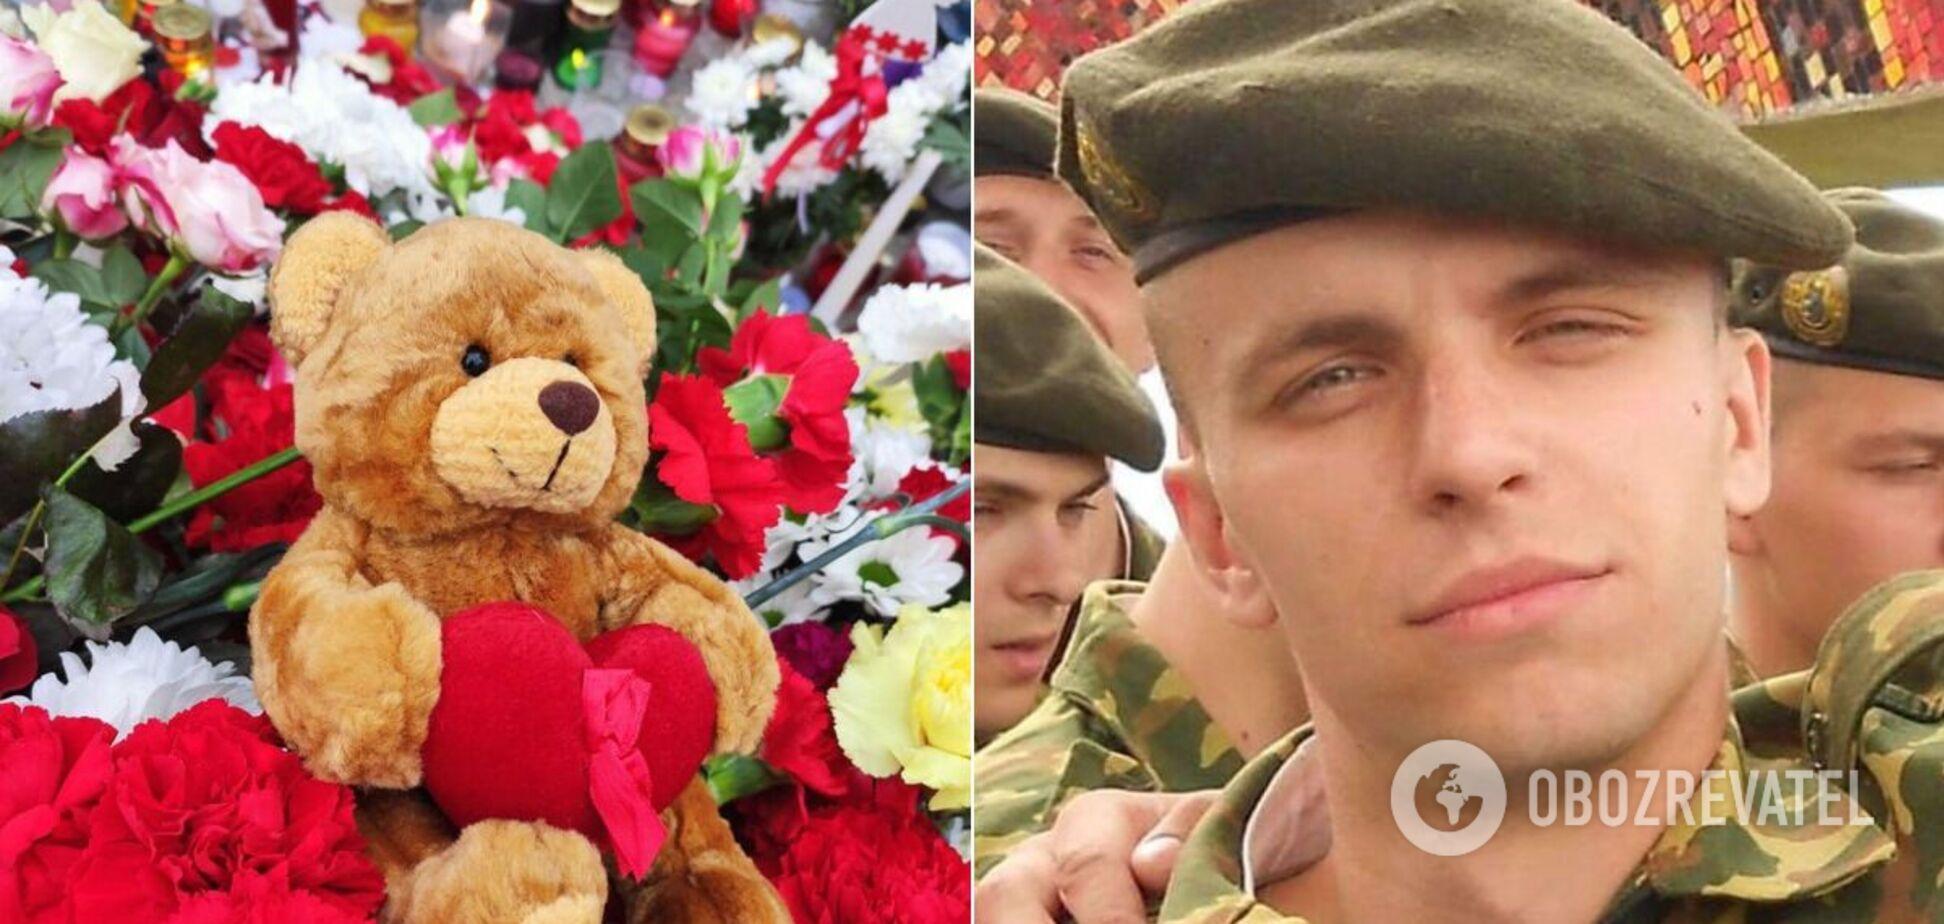 Романа Бондаренко избили из-за бело-красно-белого флага